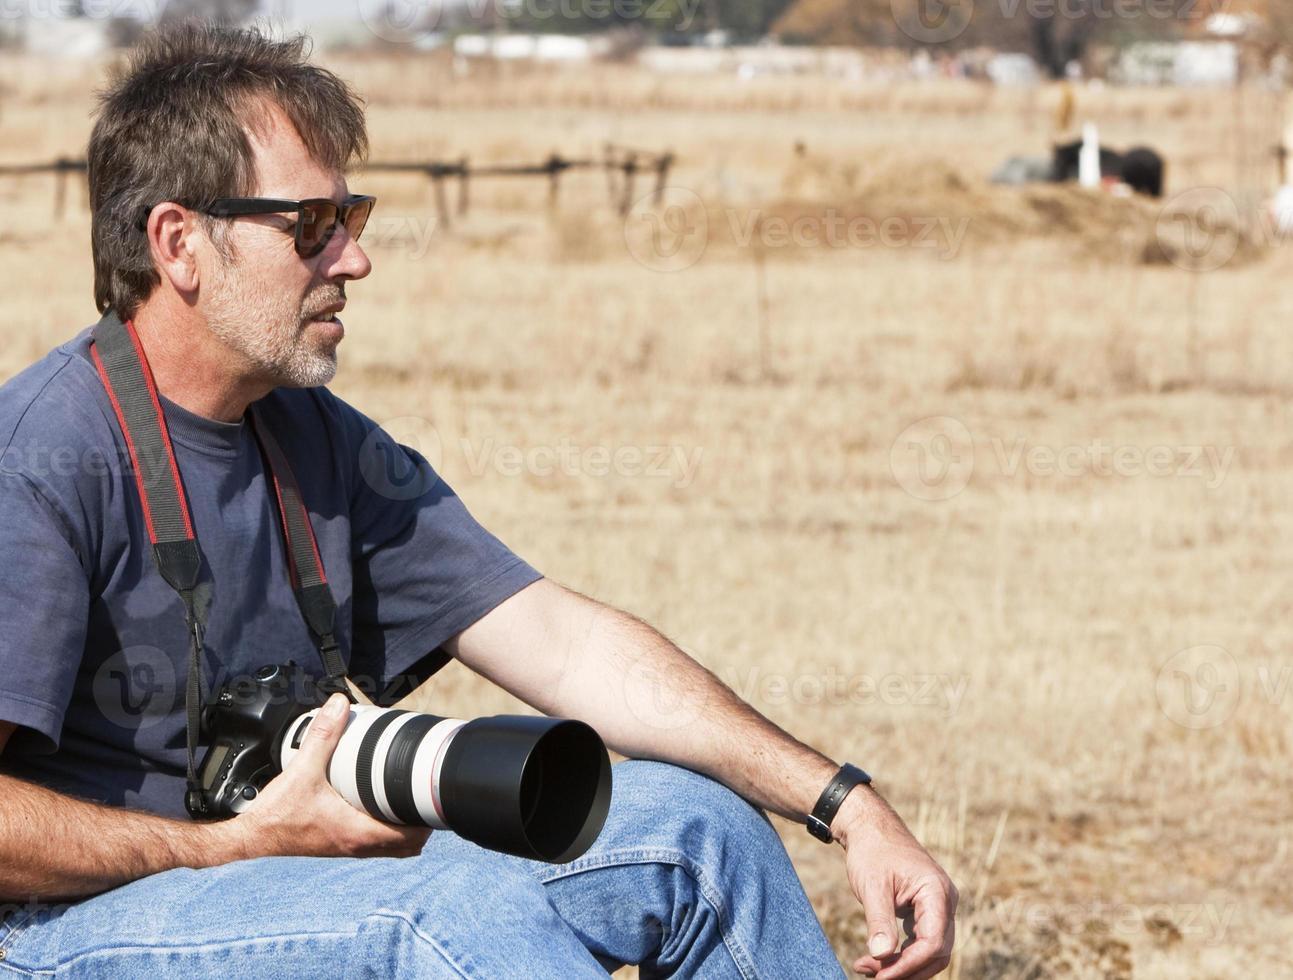 fotograaf op zoek naar de perfecte foto